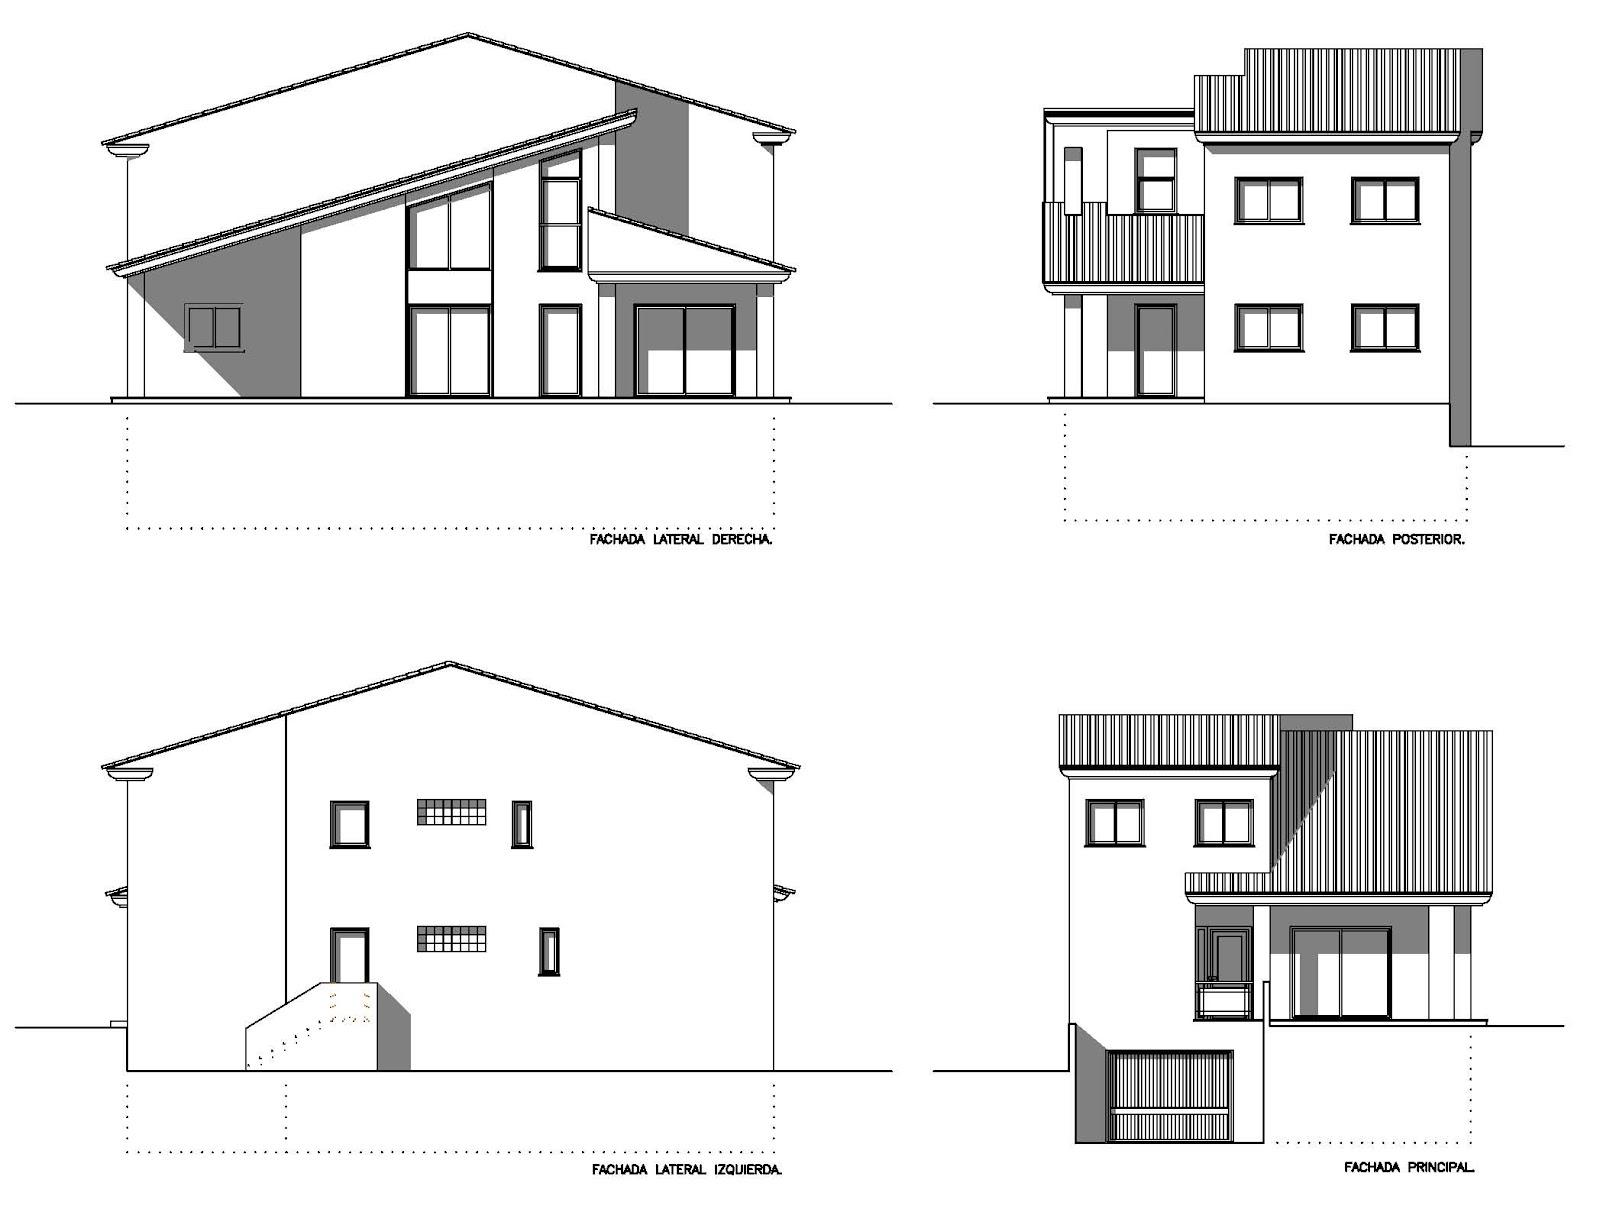 Planos low cost vivienda unifamiliar en dos plantas for Planos de viviendas unifamiliares